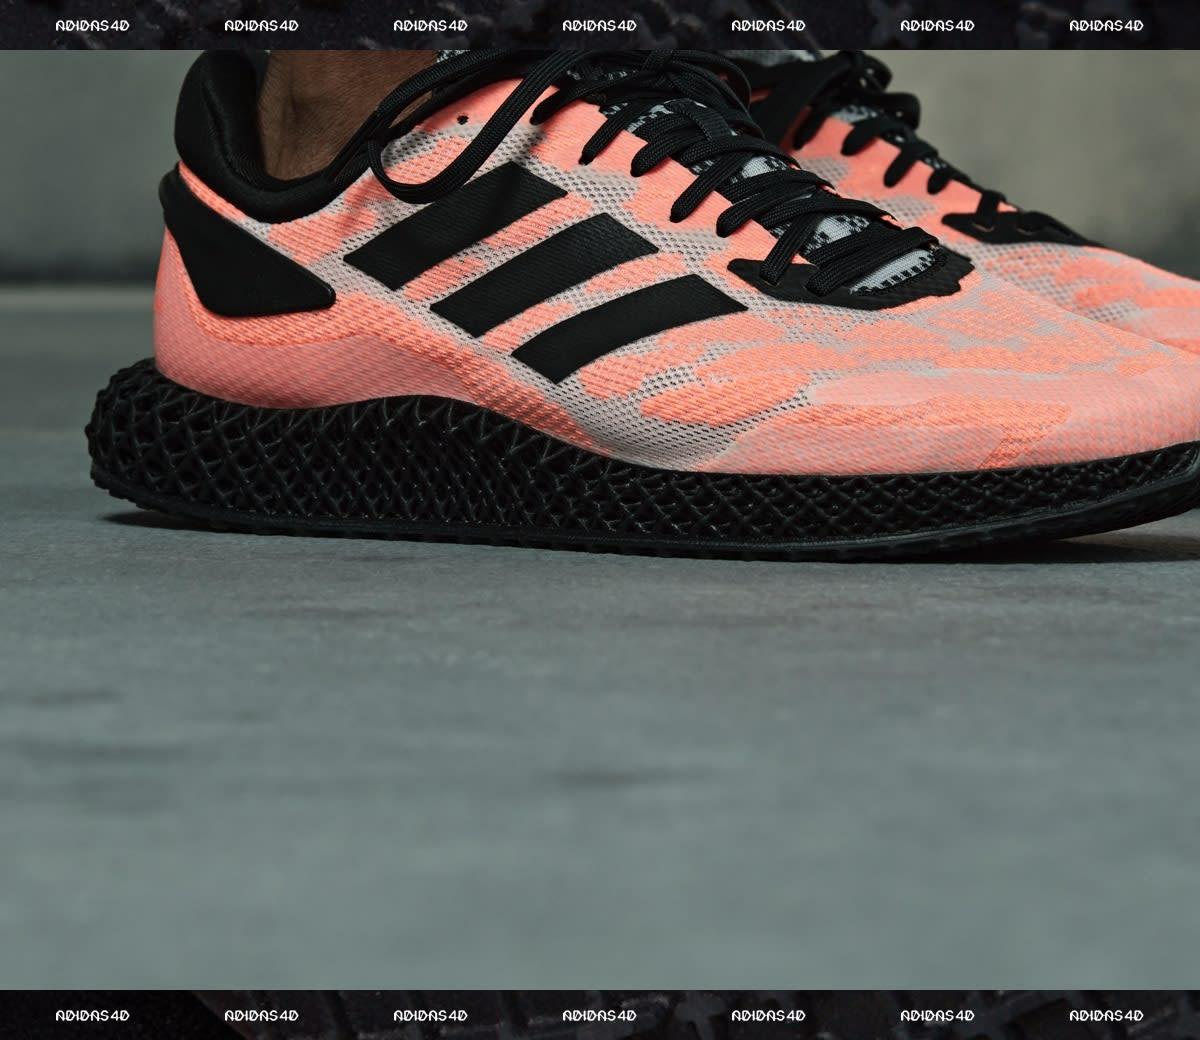 Nye produkter : Adidas Superstar Dame Salg Norge, Billig